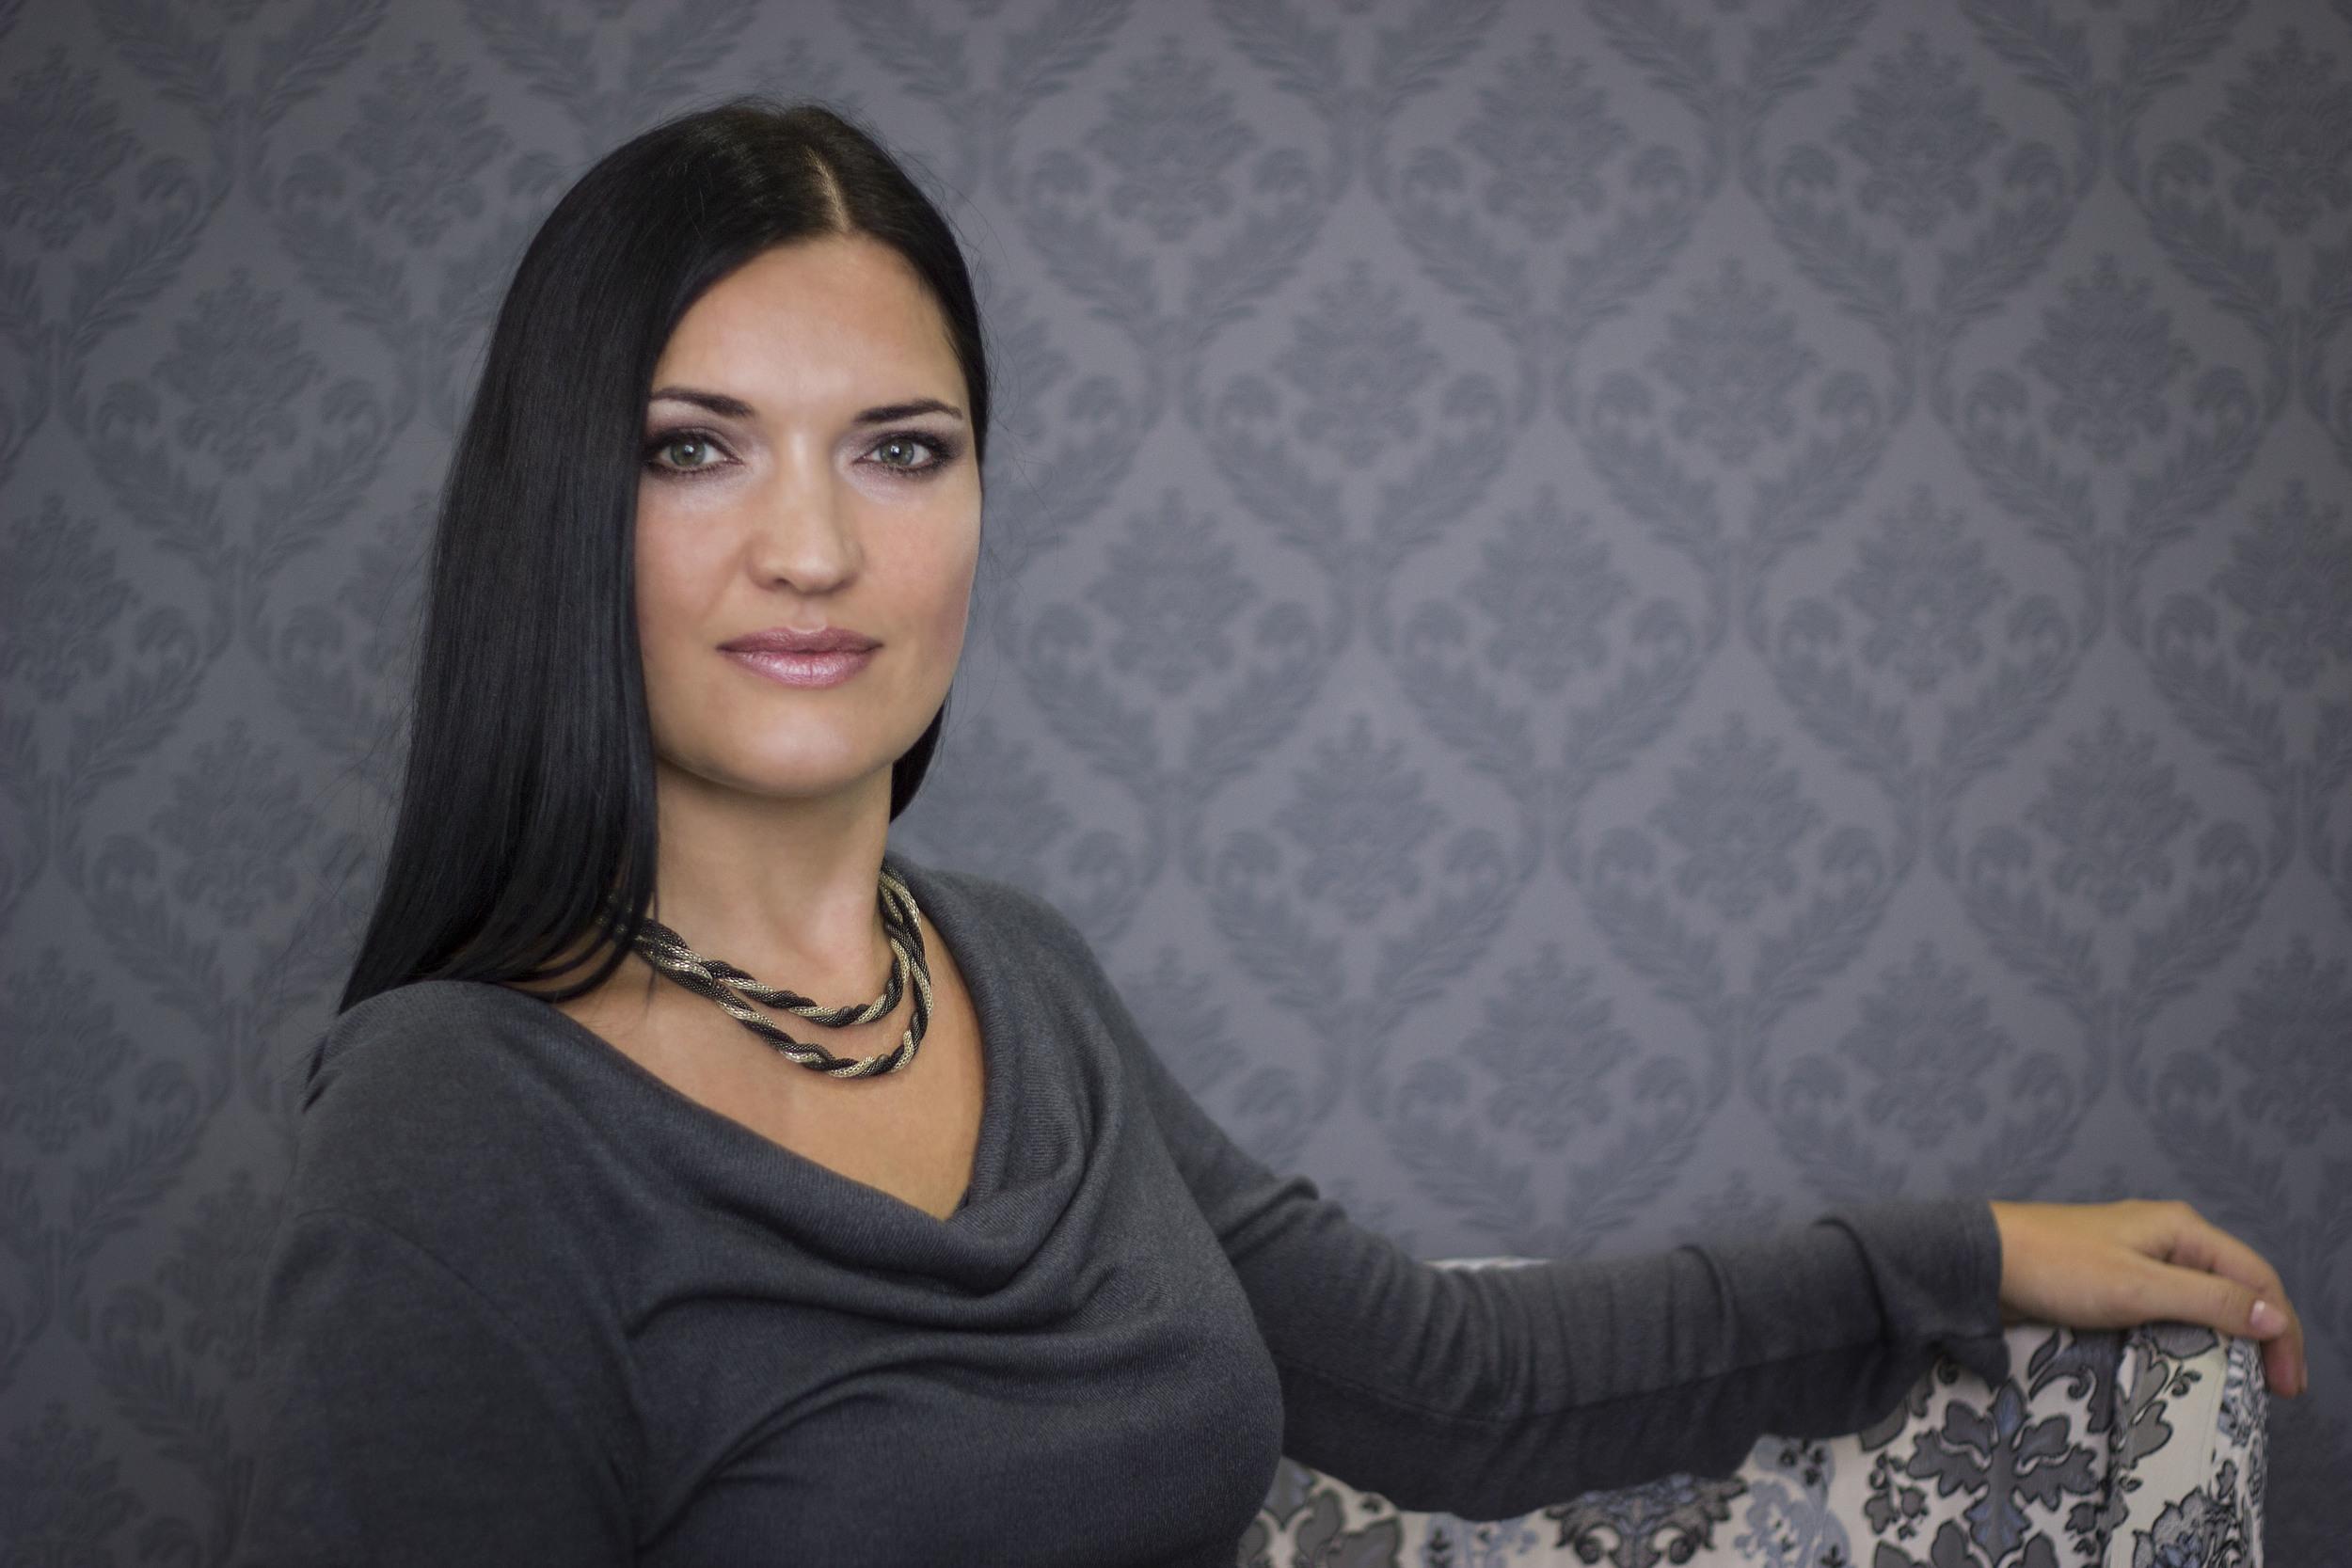 Τένοβα Ιορδάνα,μαιευτίρας γυναικολόγος,Κοζάνη,τεστ ΠΑΠ,κολποσκόπηση,3-D 4-D υπέρηχο,φυσιολογοκός τοκετός,καισαρική τομή, εξέταση μαστών